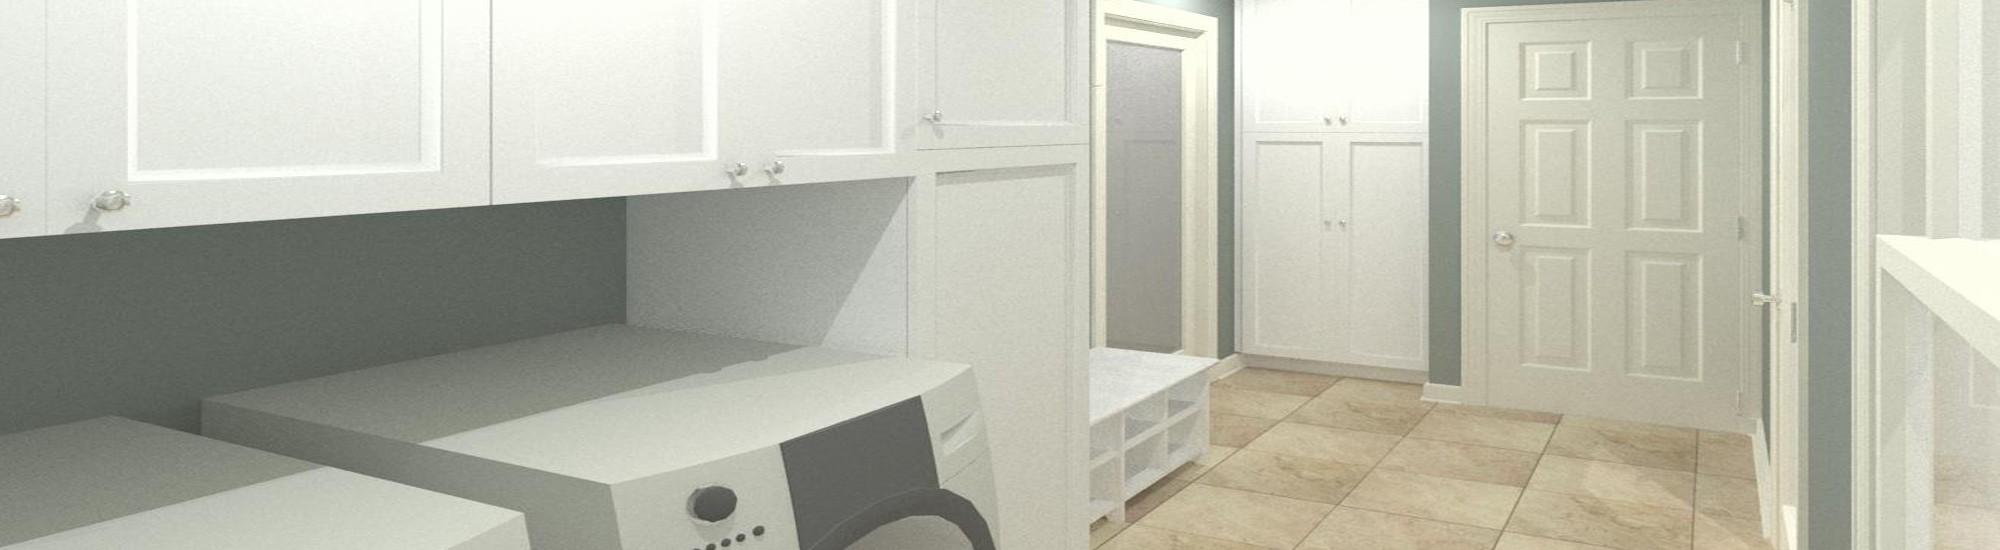 Design Build Pros Mud Room (1)